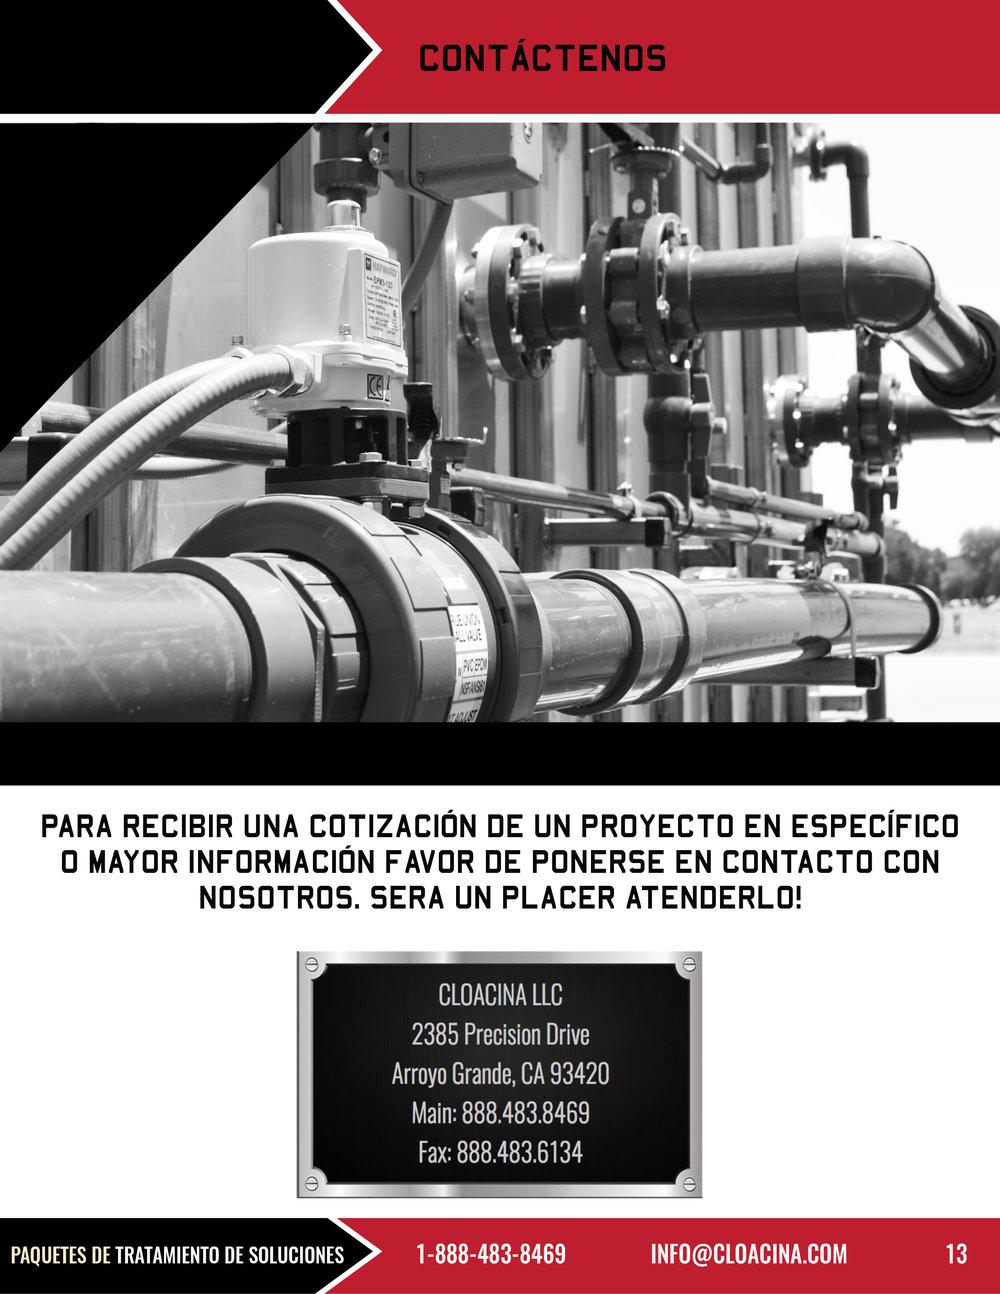 MEMPAC-I-Spanish copy-14.jpg